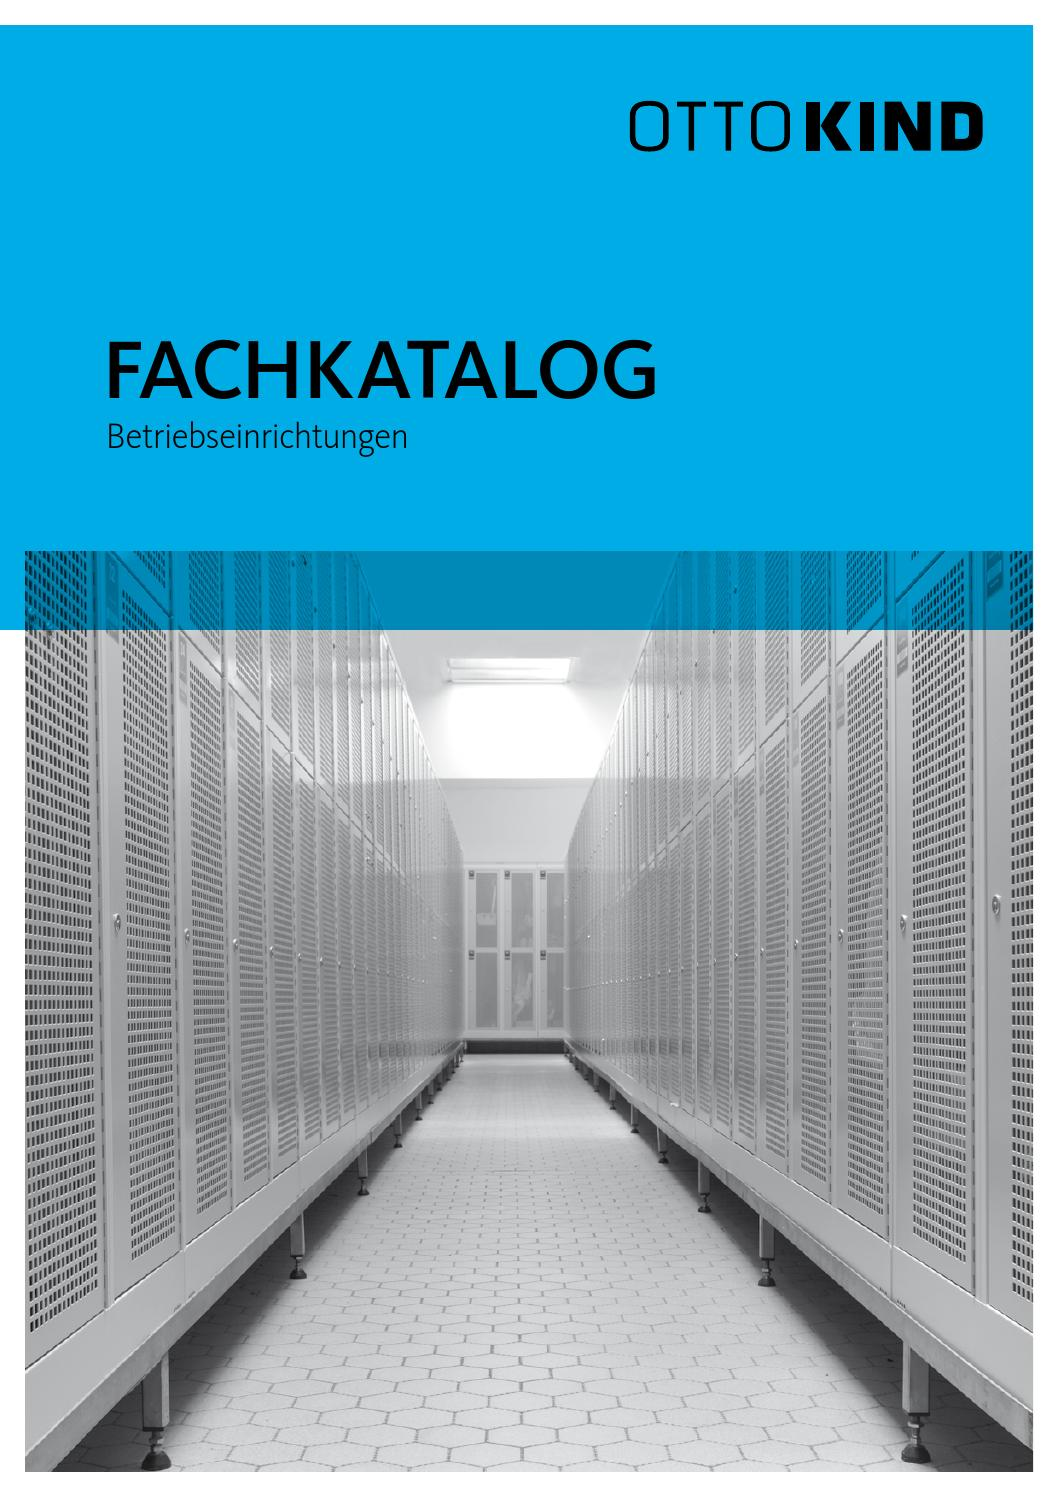 Full Size of Schubladeneinsatz Stecksystem Otto Kind Fachkatalog Betriebseinrichtungen 2016 By Sascha Hgli Küche Regal Wohnzimmer Schubladeneinsatz Stecksystem